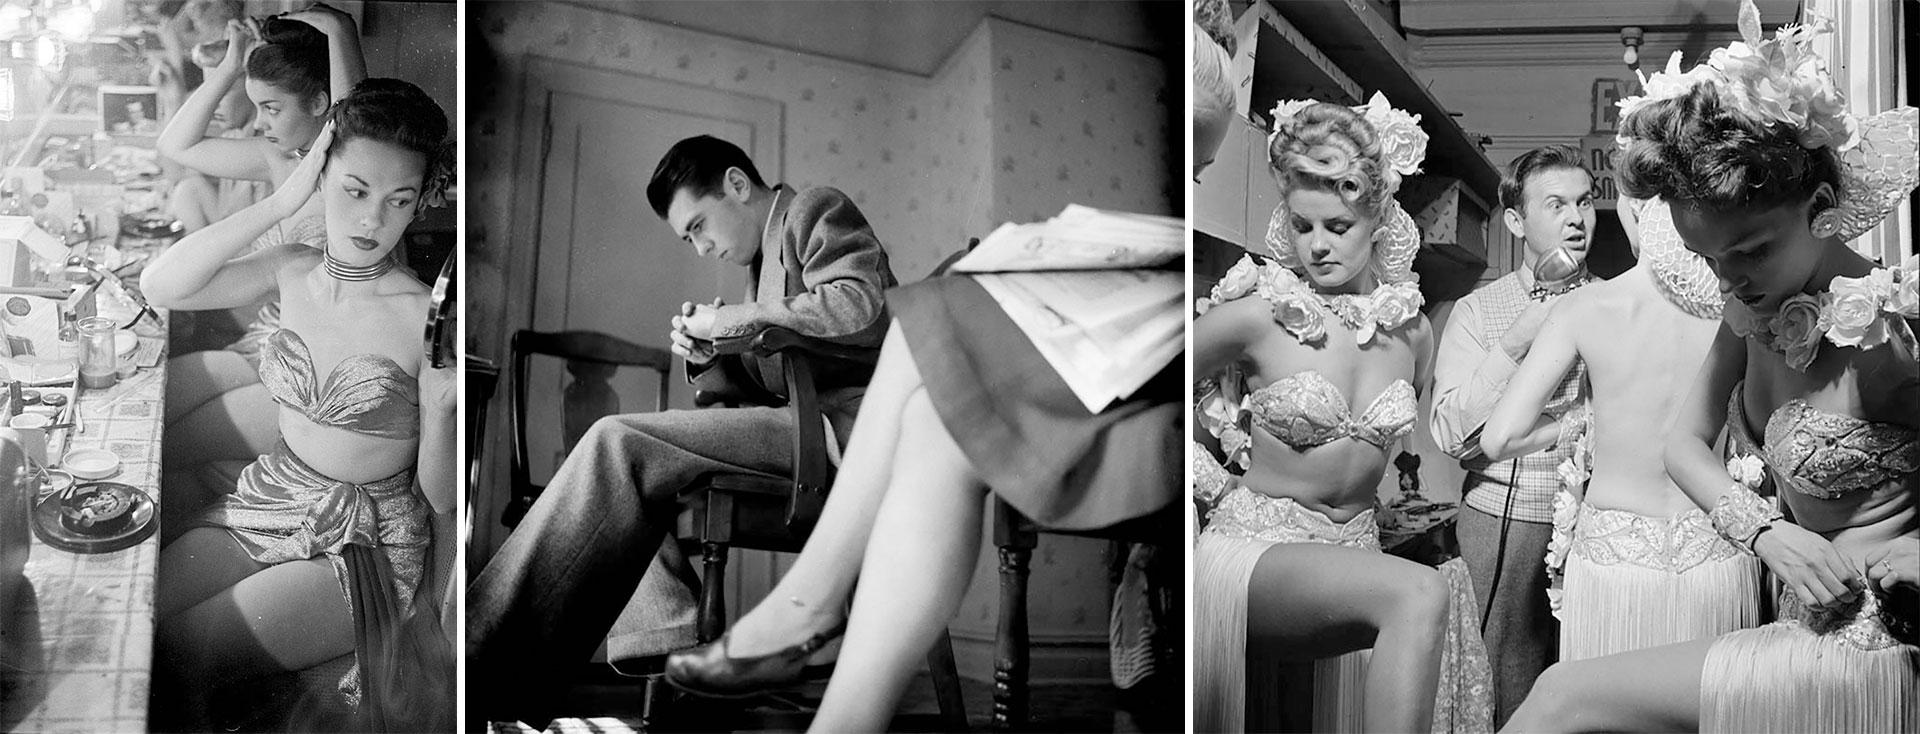 """""""Chicas del Copacabana"""" (1948), Esperando al dentista (1947) y Johnny Grant (1946)"""